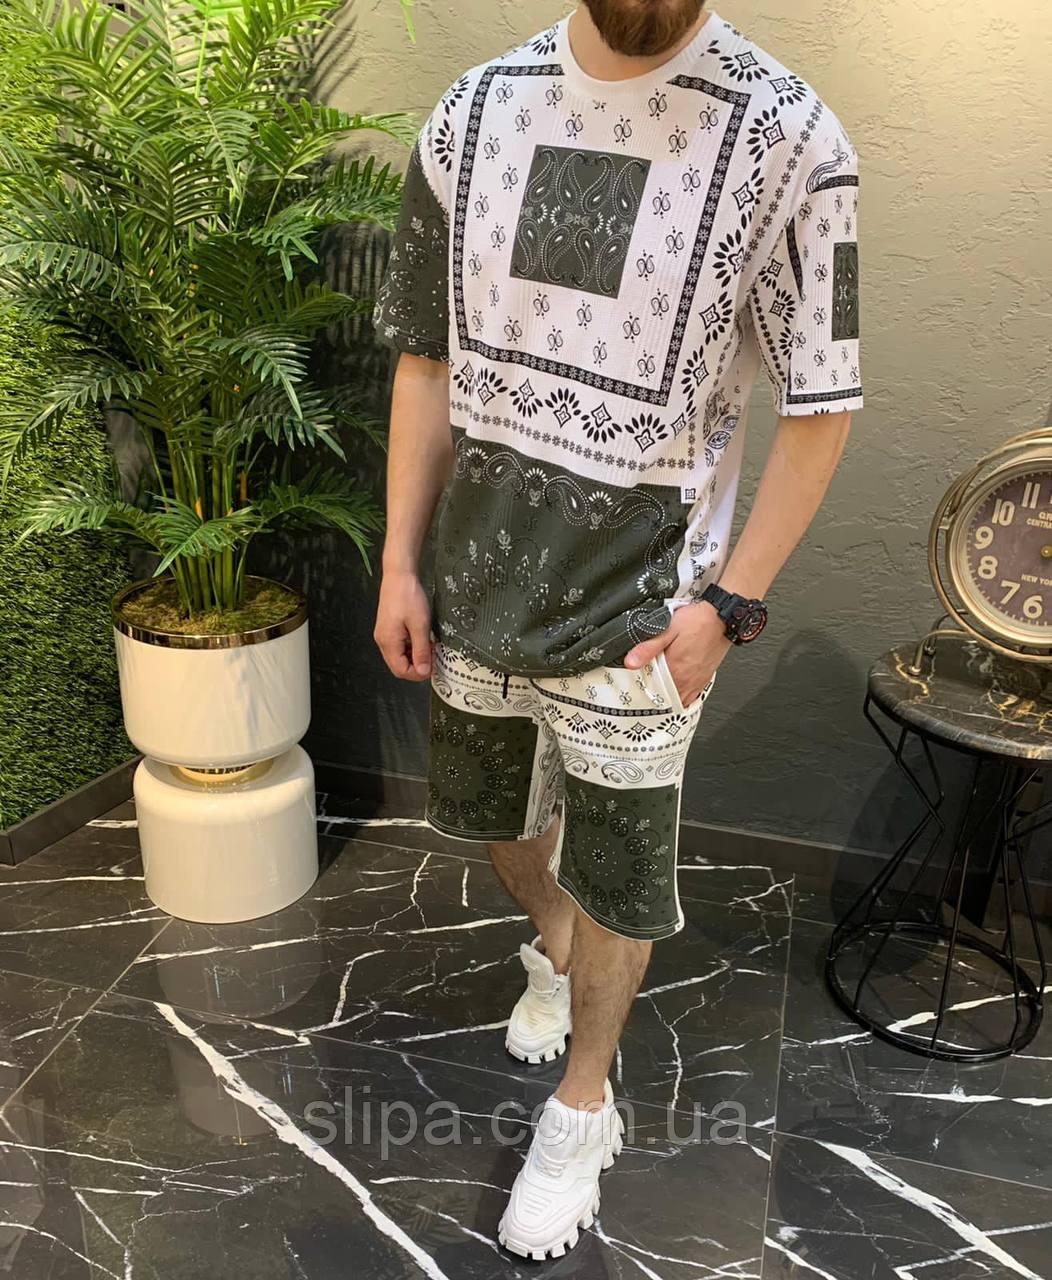 Летний мужской оверсайз комплект футболка + шорты орнамент | Турция | 100% хлопок